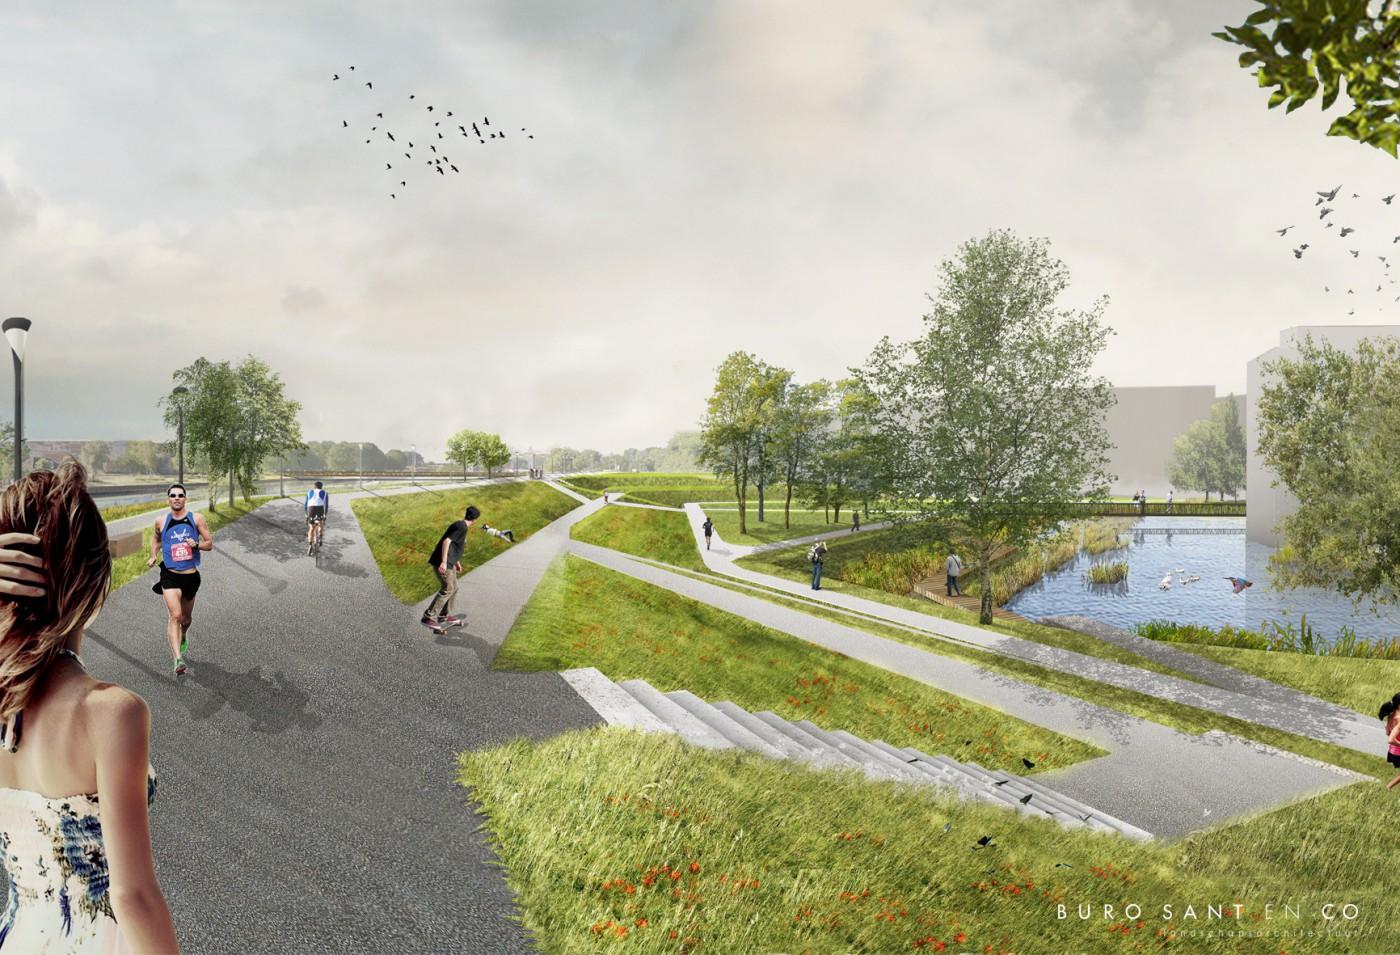 Buro-sant-en-co-landschapsarchitectuur-Dijkpark-Amsterdam ontwerpschets-2018